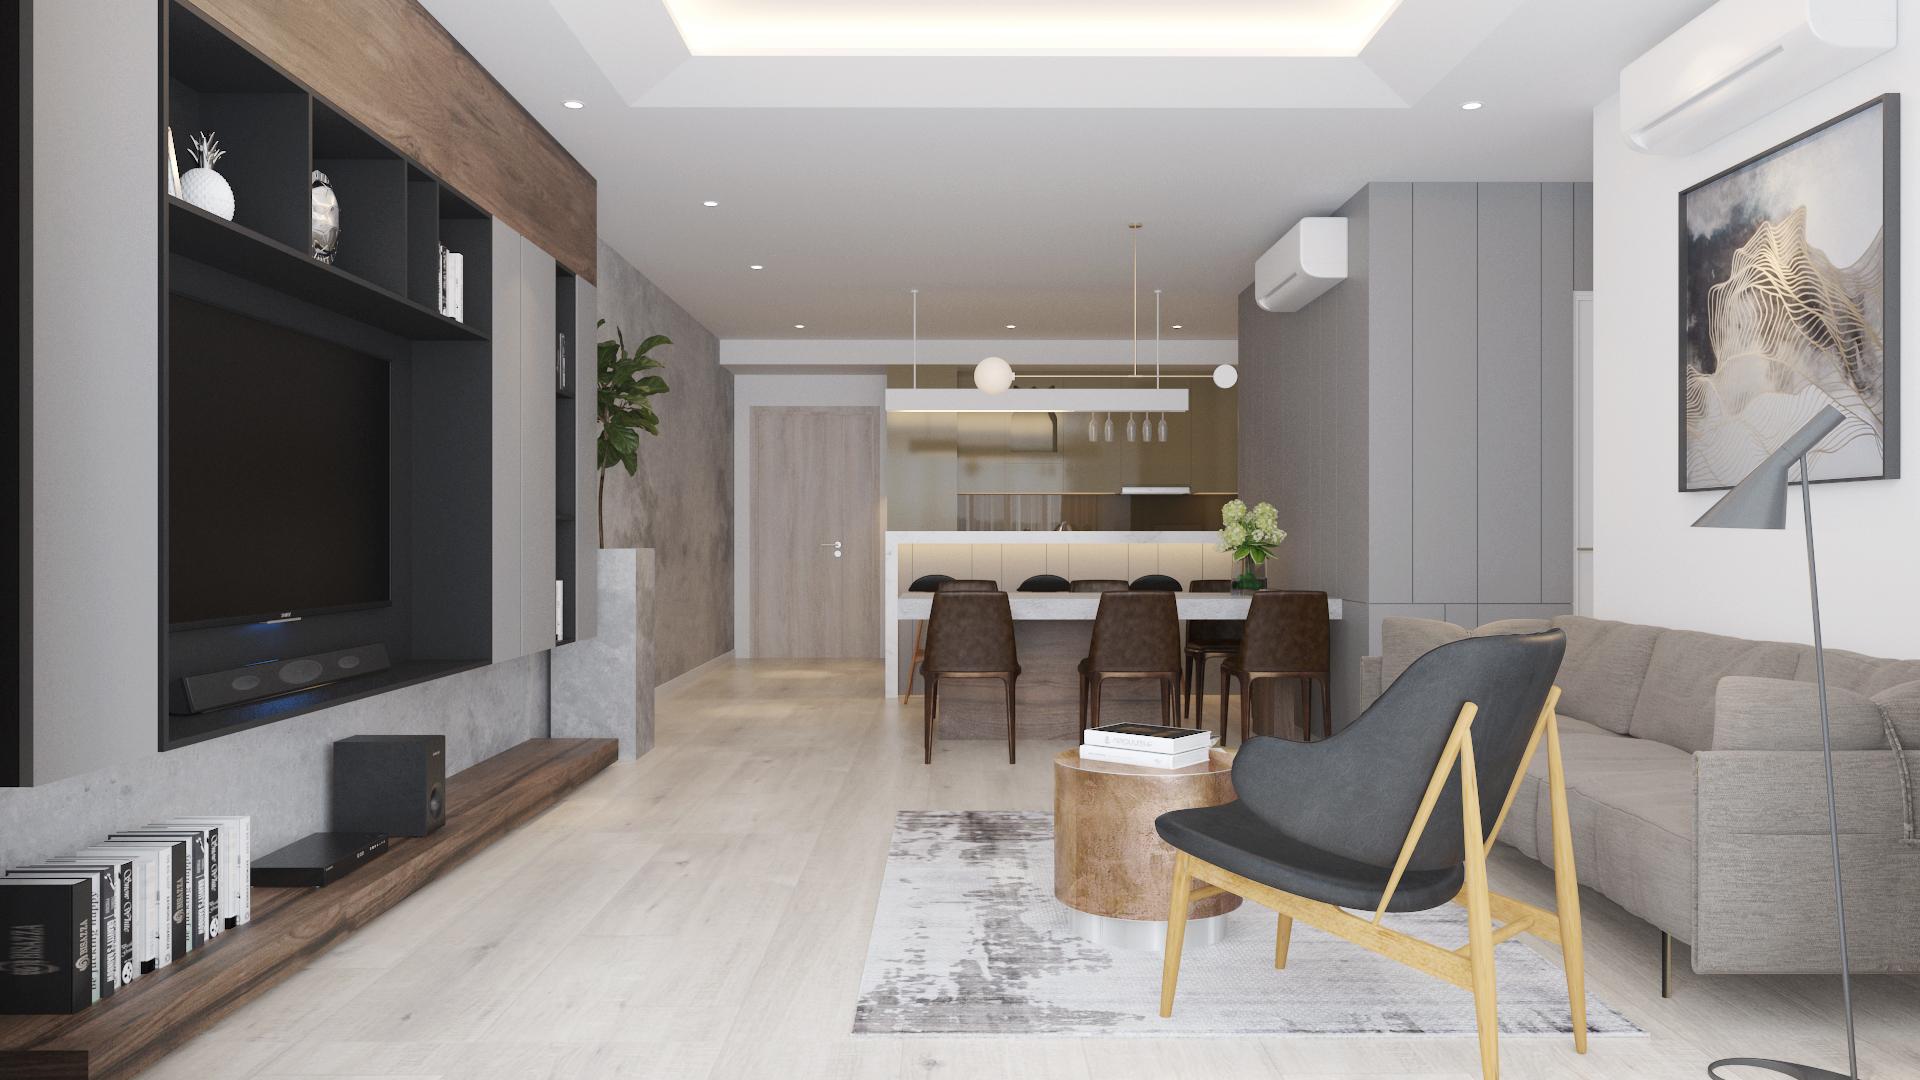 Thiết kế nội thất Chung Cư tại Hồ Chí Minh Estella Height 3107 1590740022 1